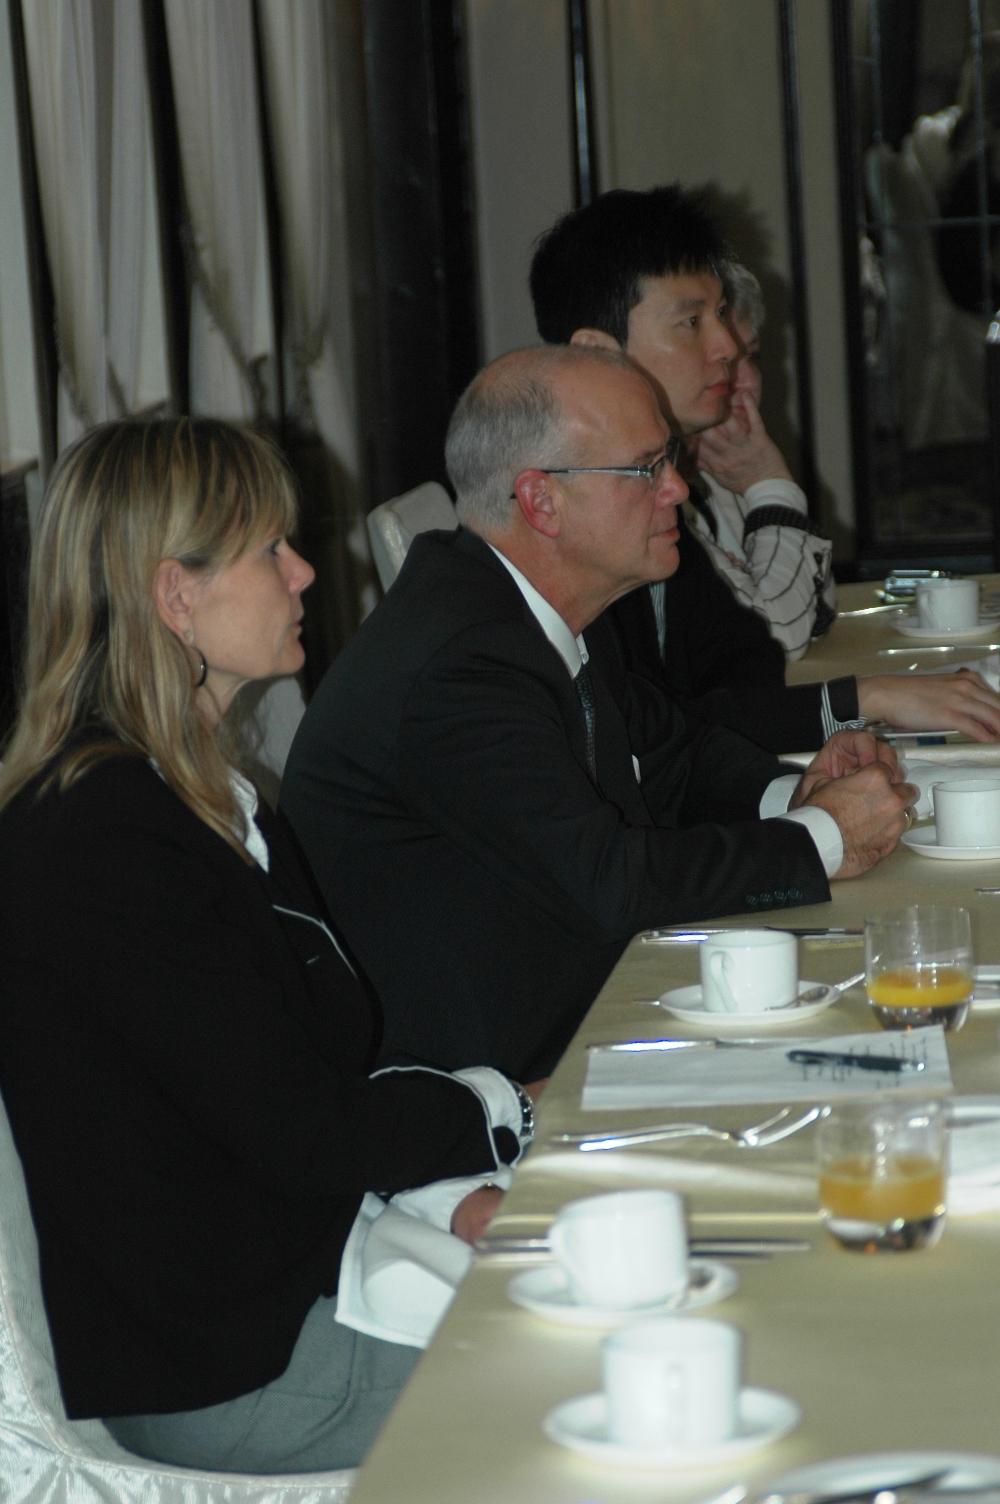 2012年10月22日:与加拿大驻上海总领馆 总领事 Mr. Rick Savone 在上海和平饭店共进工作早餐